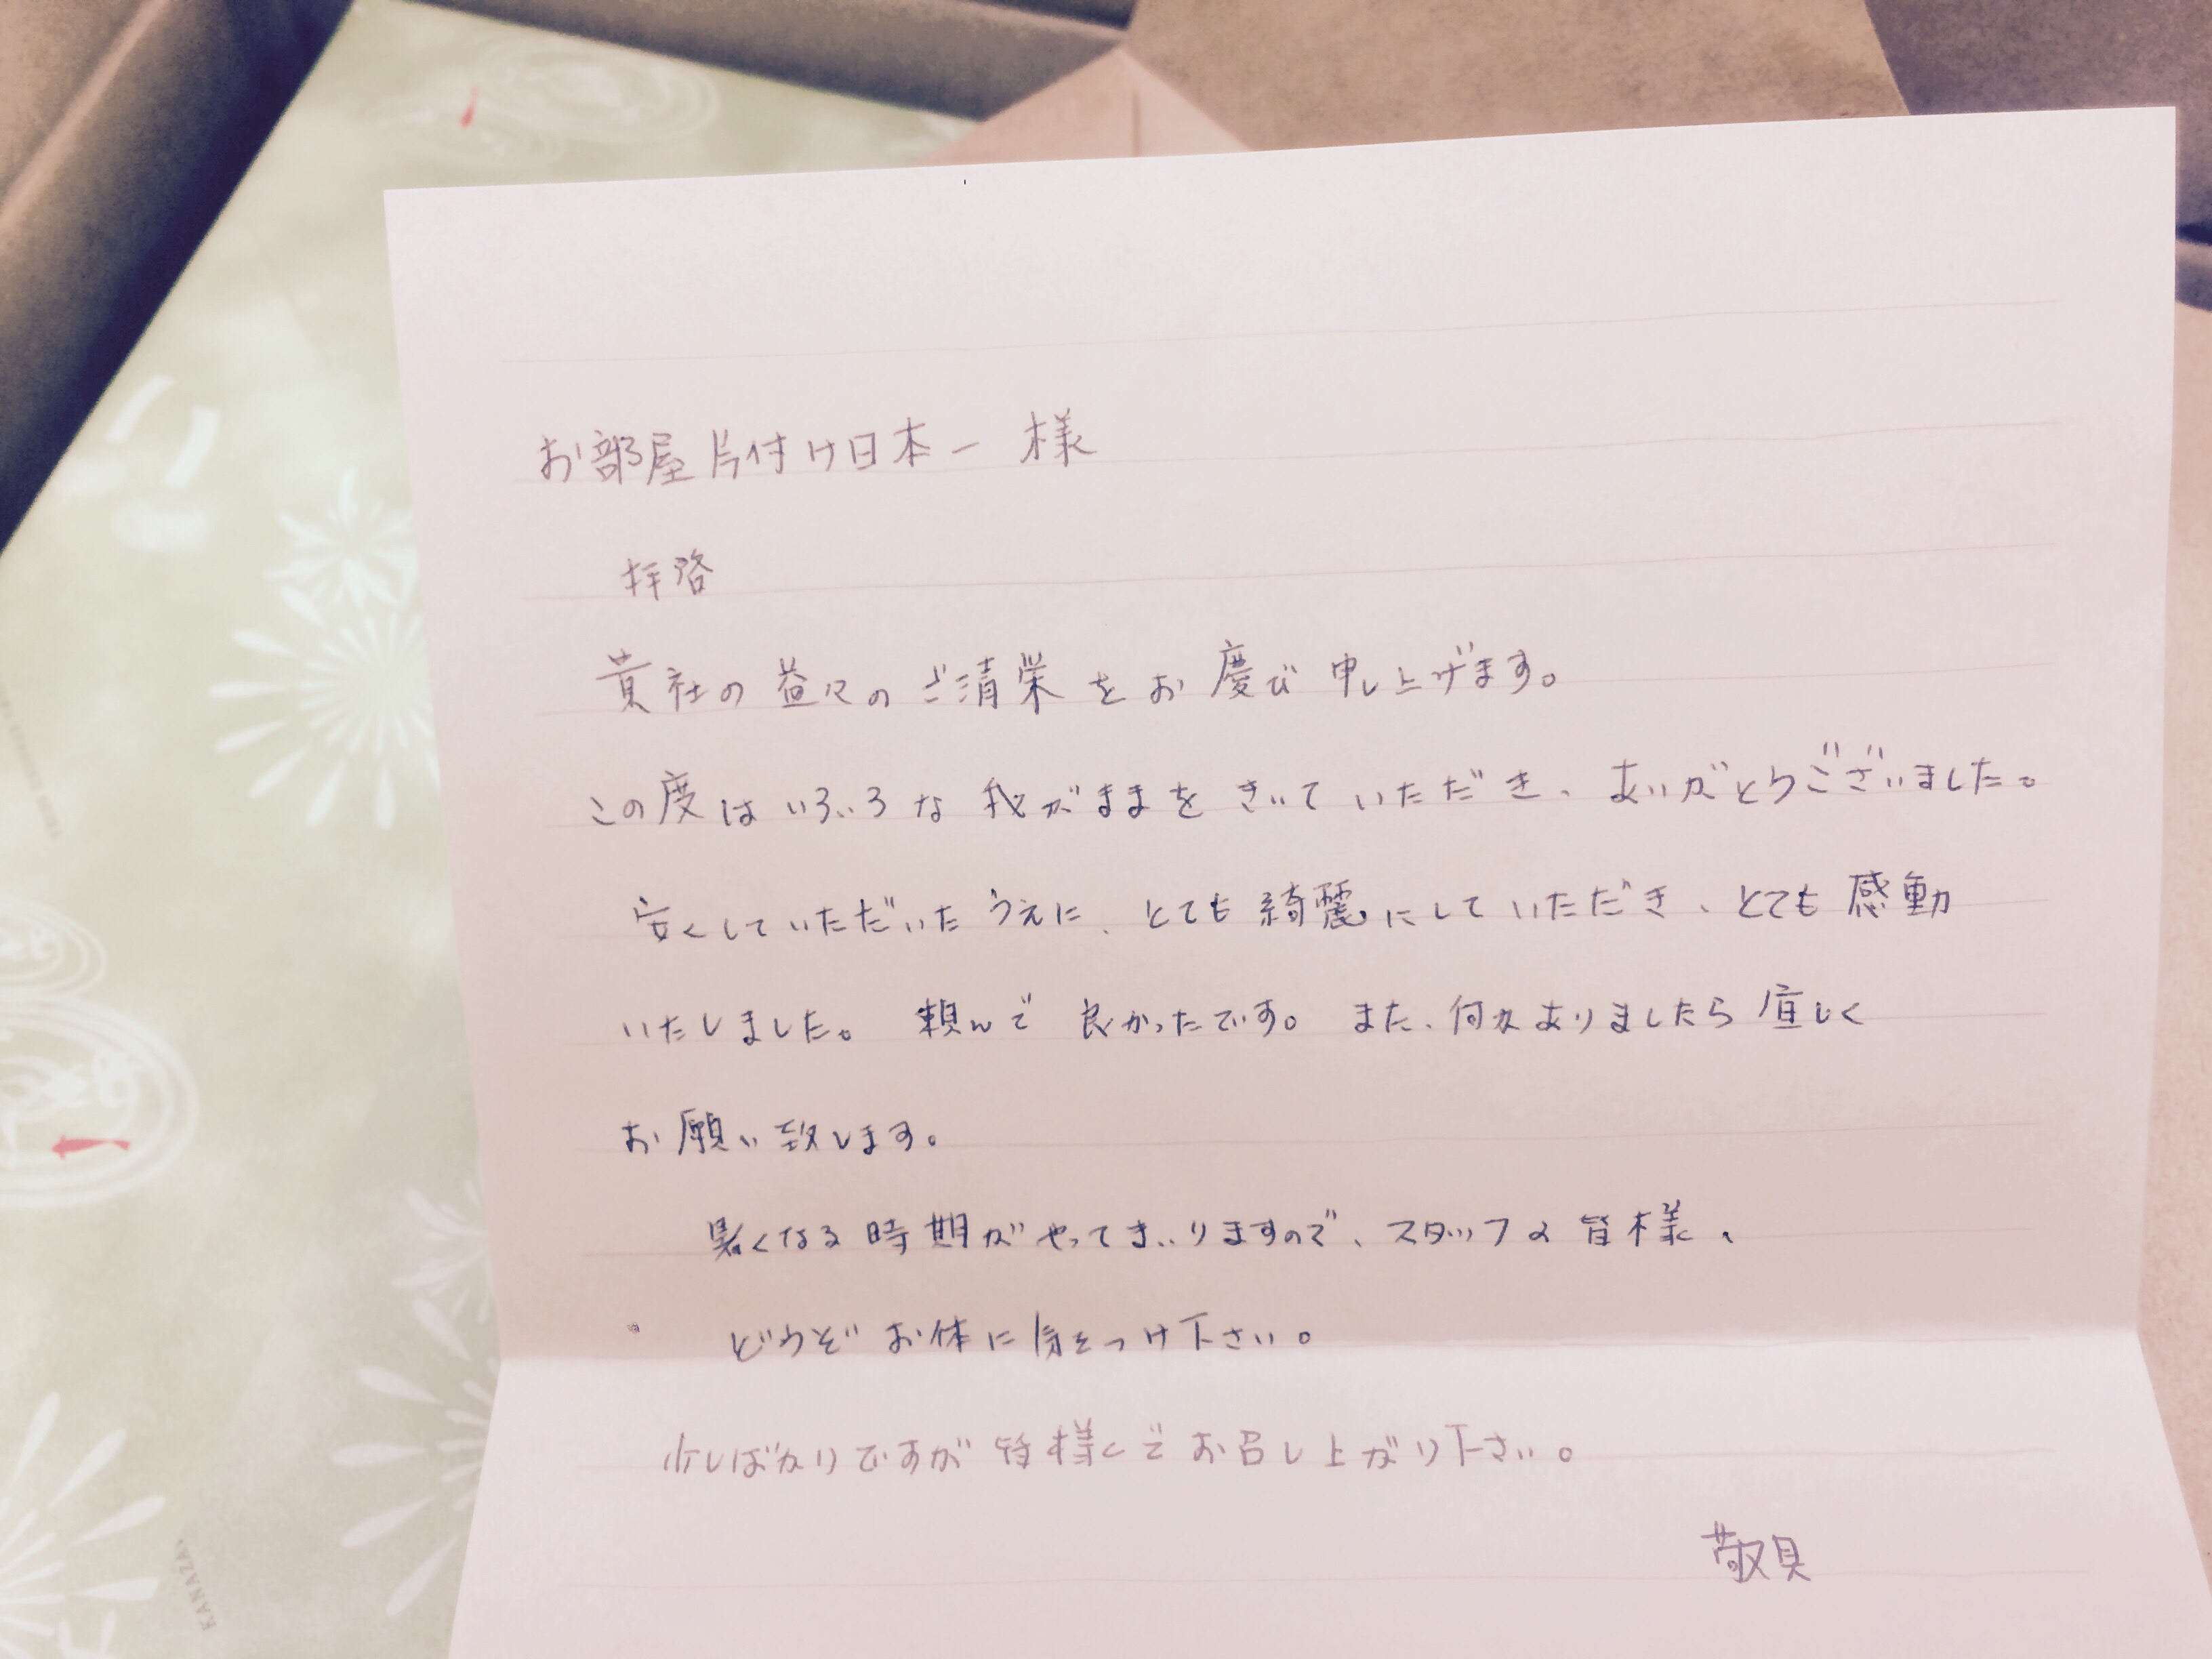 お客様より感謝のお手紙..